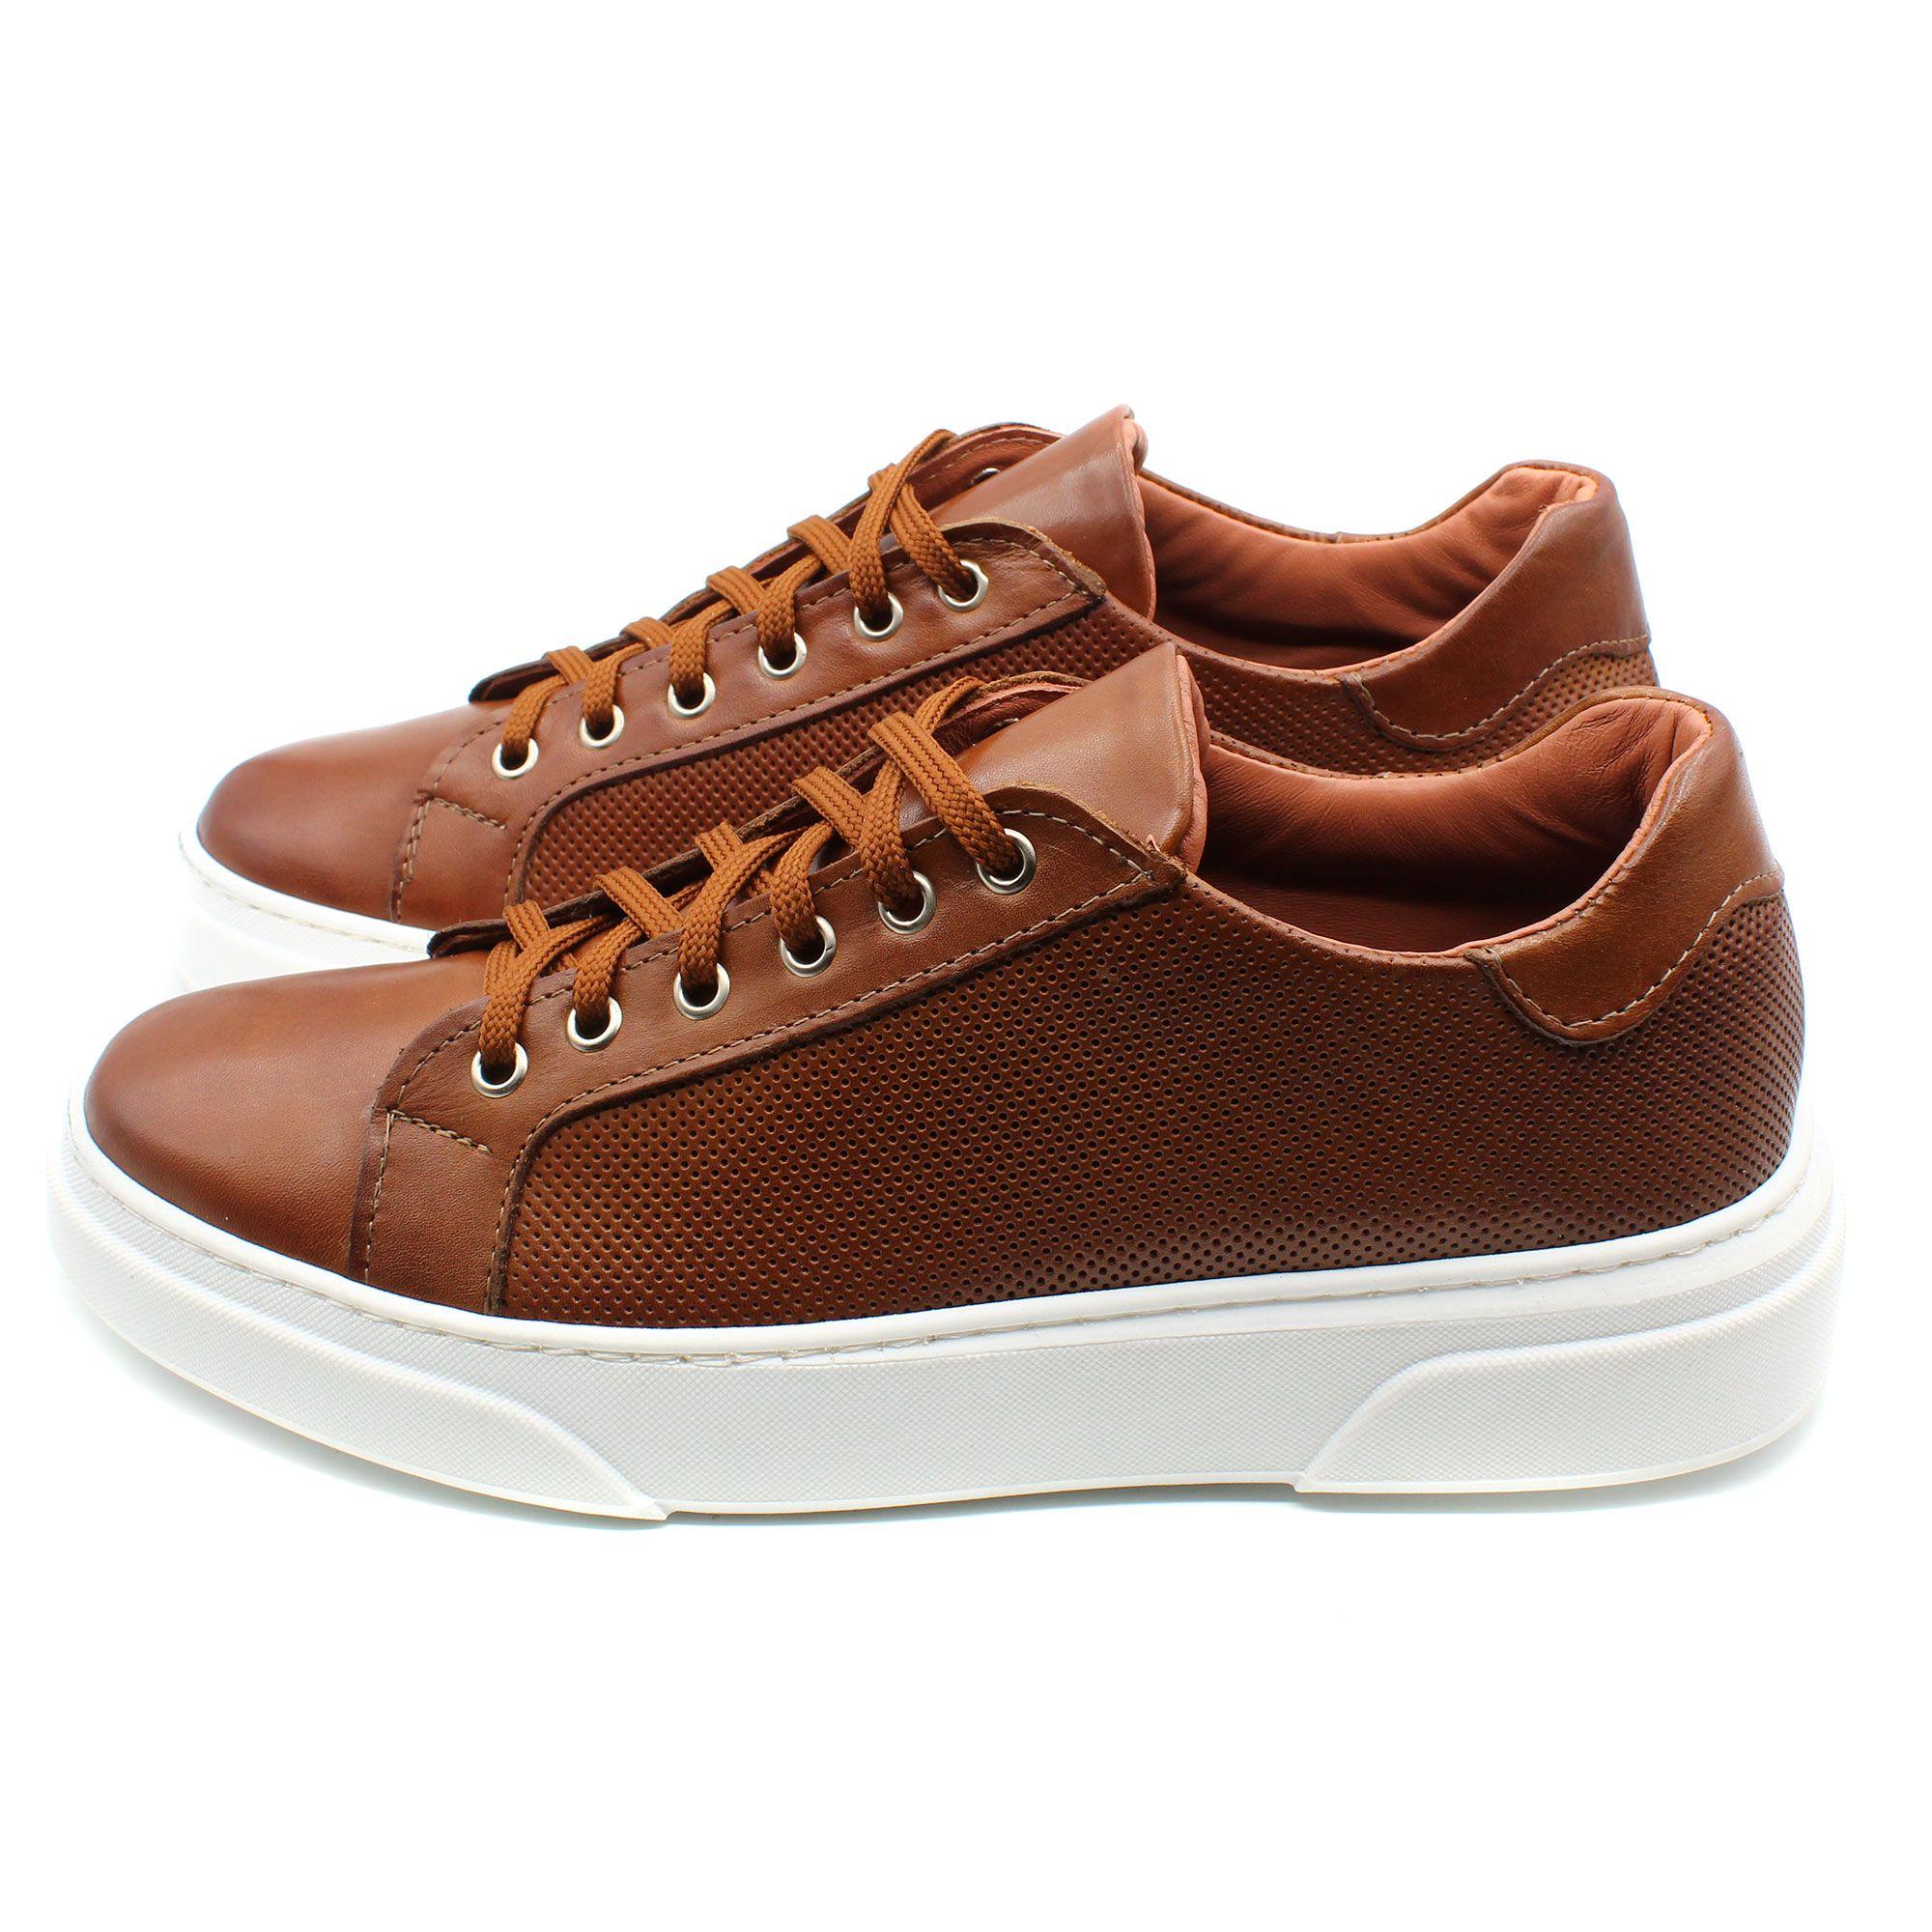 miniatura 14 - Sneakers-Uomo-in-Pelle-Basse-Nere-Blu-Scarpe-da-Ginnastica-Sportive-Eleganti